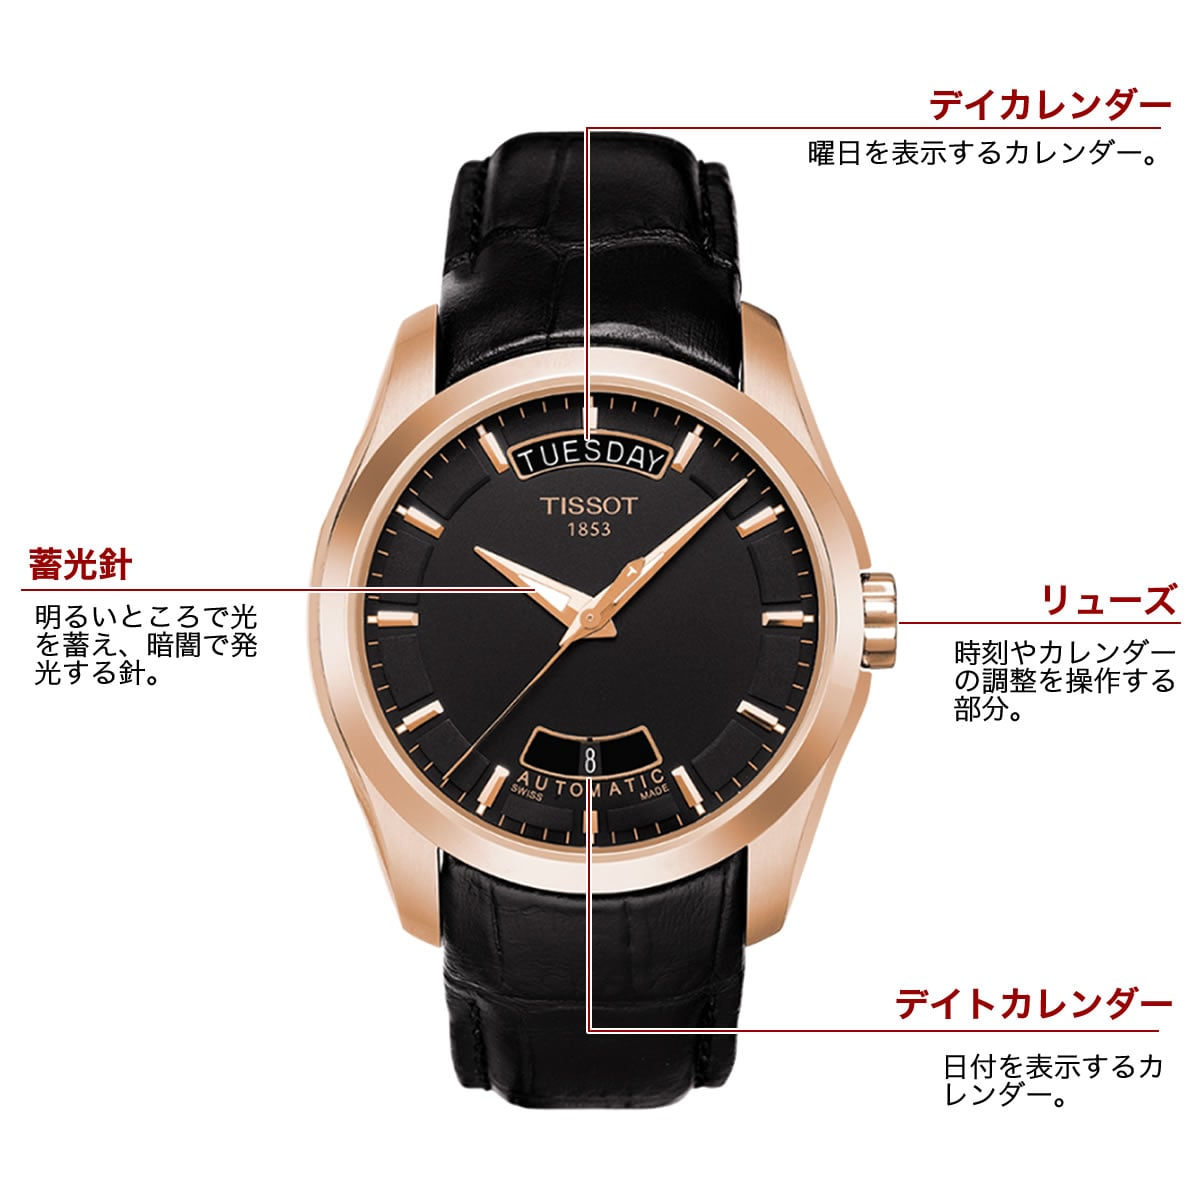 ティソ 自動巻き 男性用腕時計t0354073605100